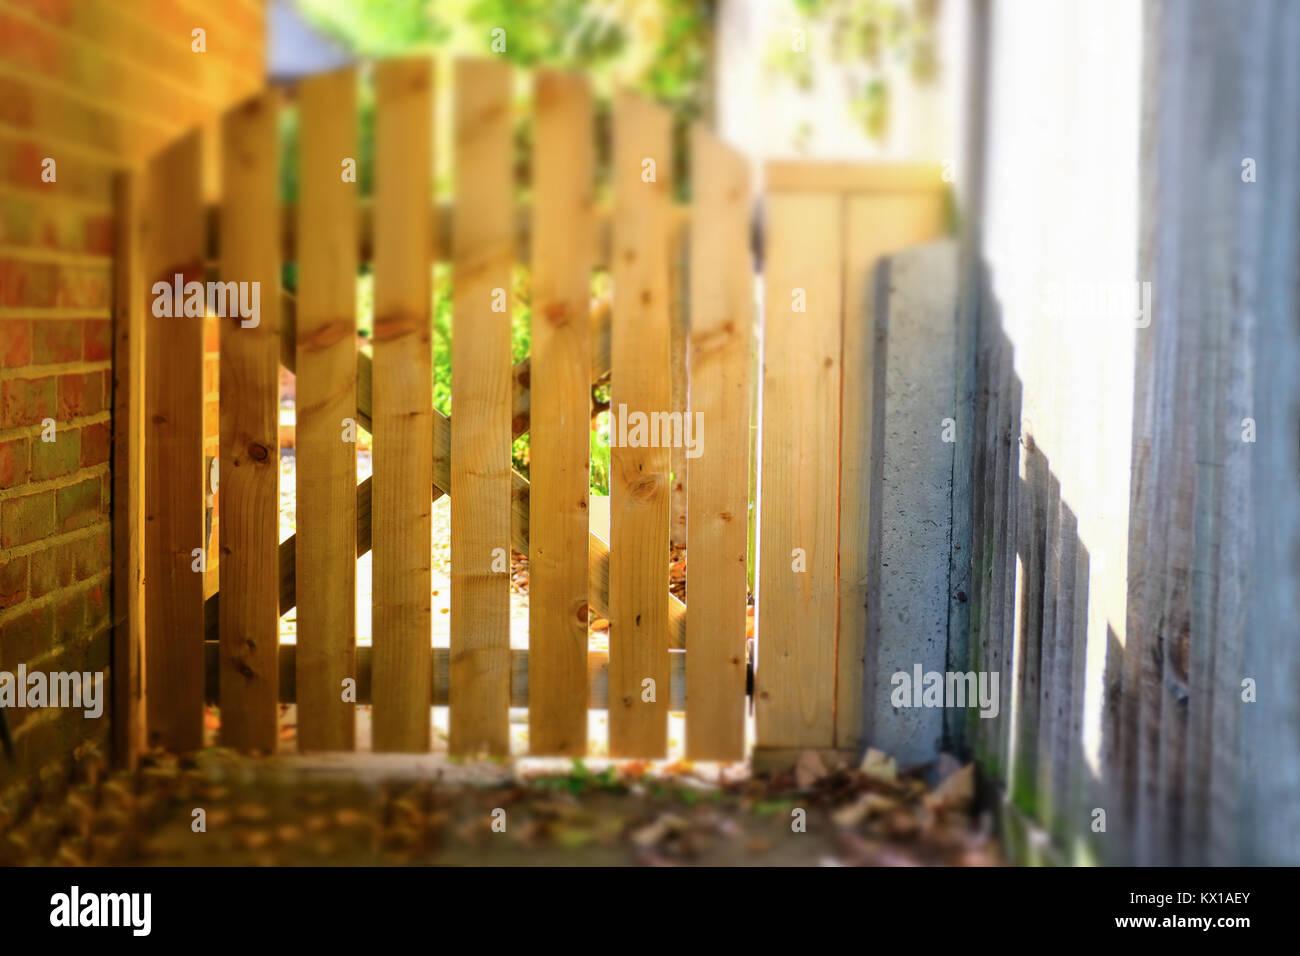 Piquets de clôture en bois type gate le long d\'un mur latéral d\'une ...